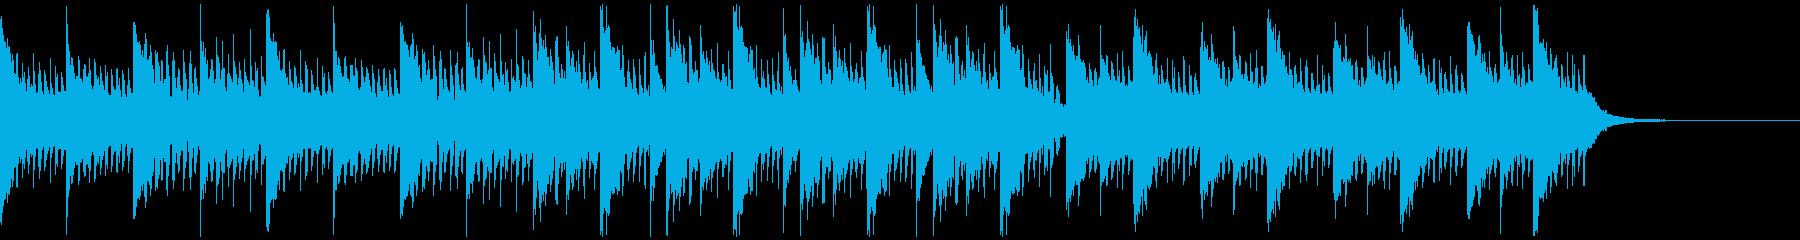 アコースティックセンチメンタル#01−1の再生済みの波形